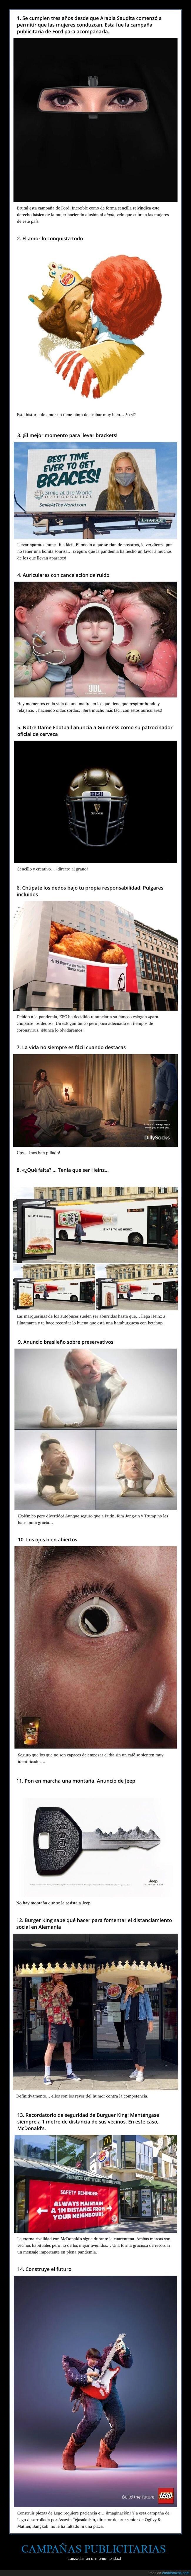 campañas publicitarias,momento ideal